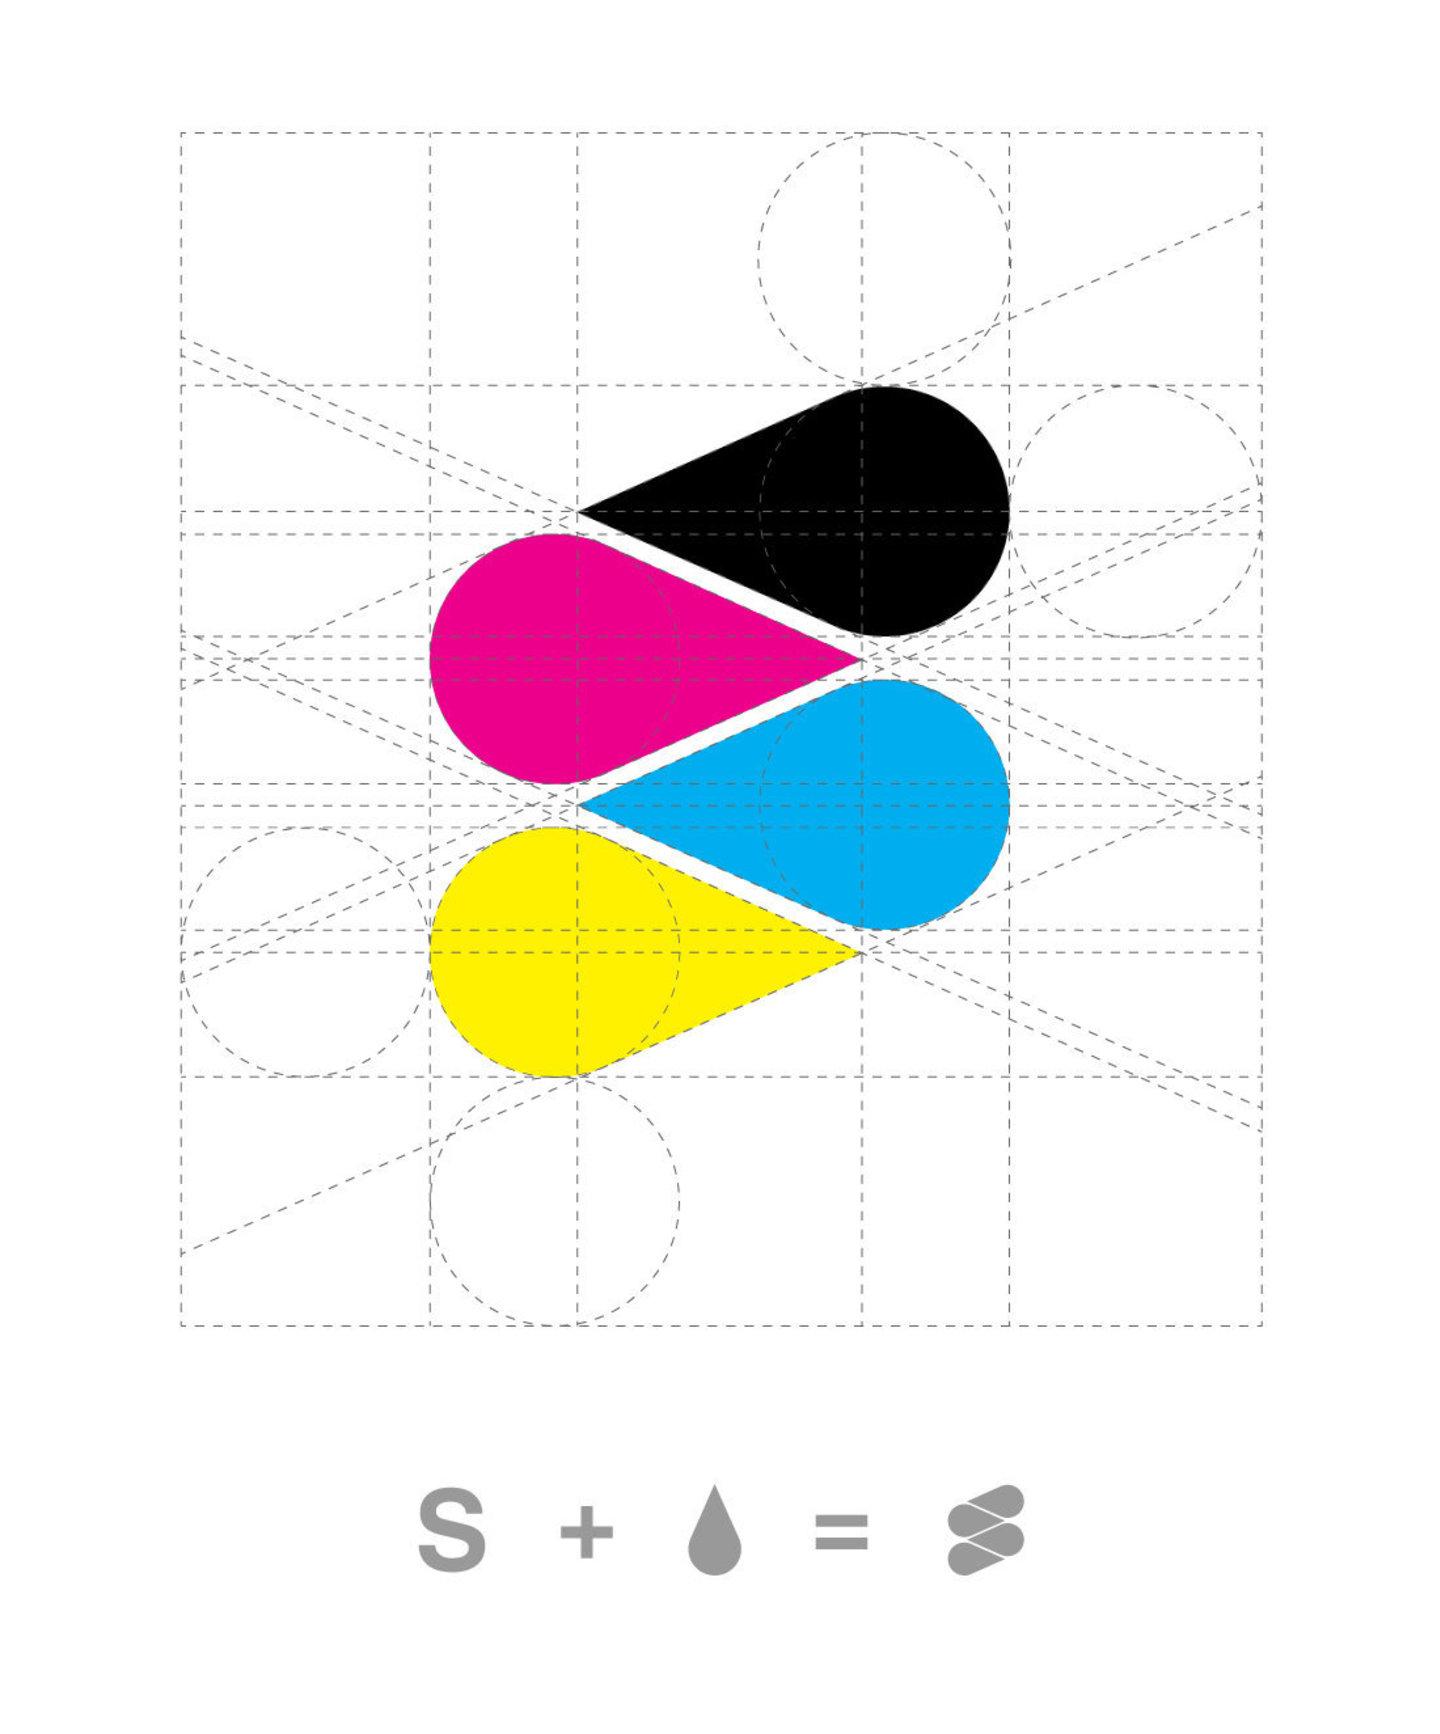 Swiftink grid